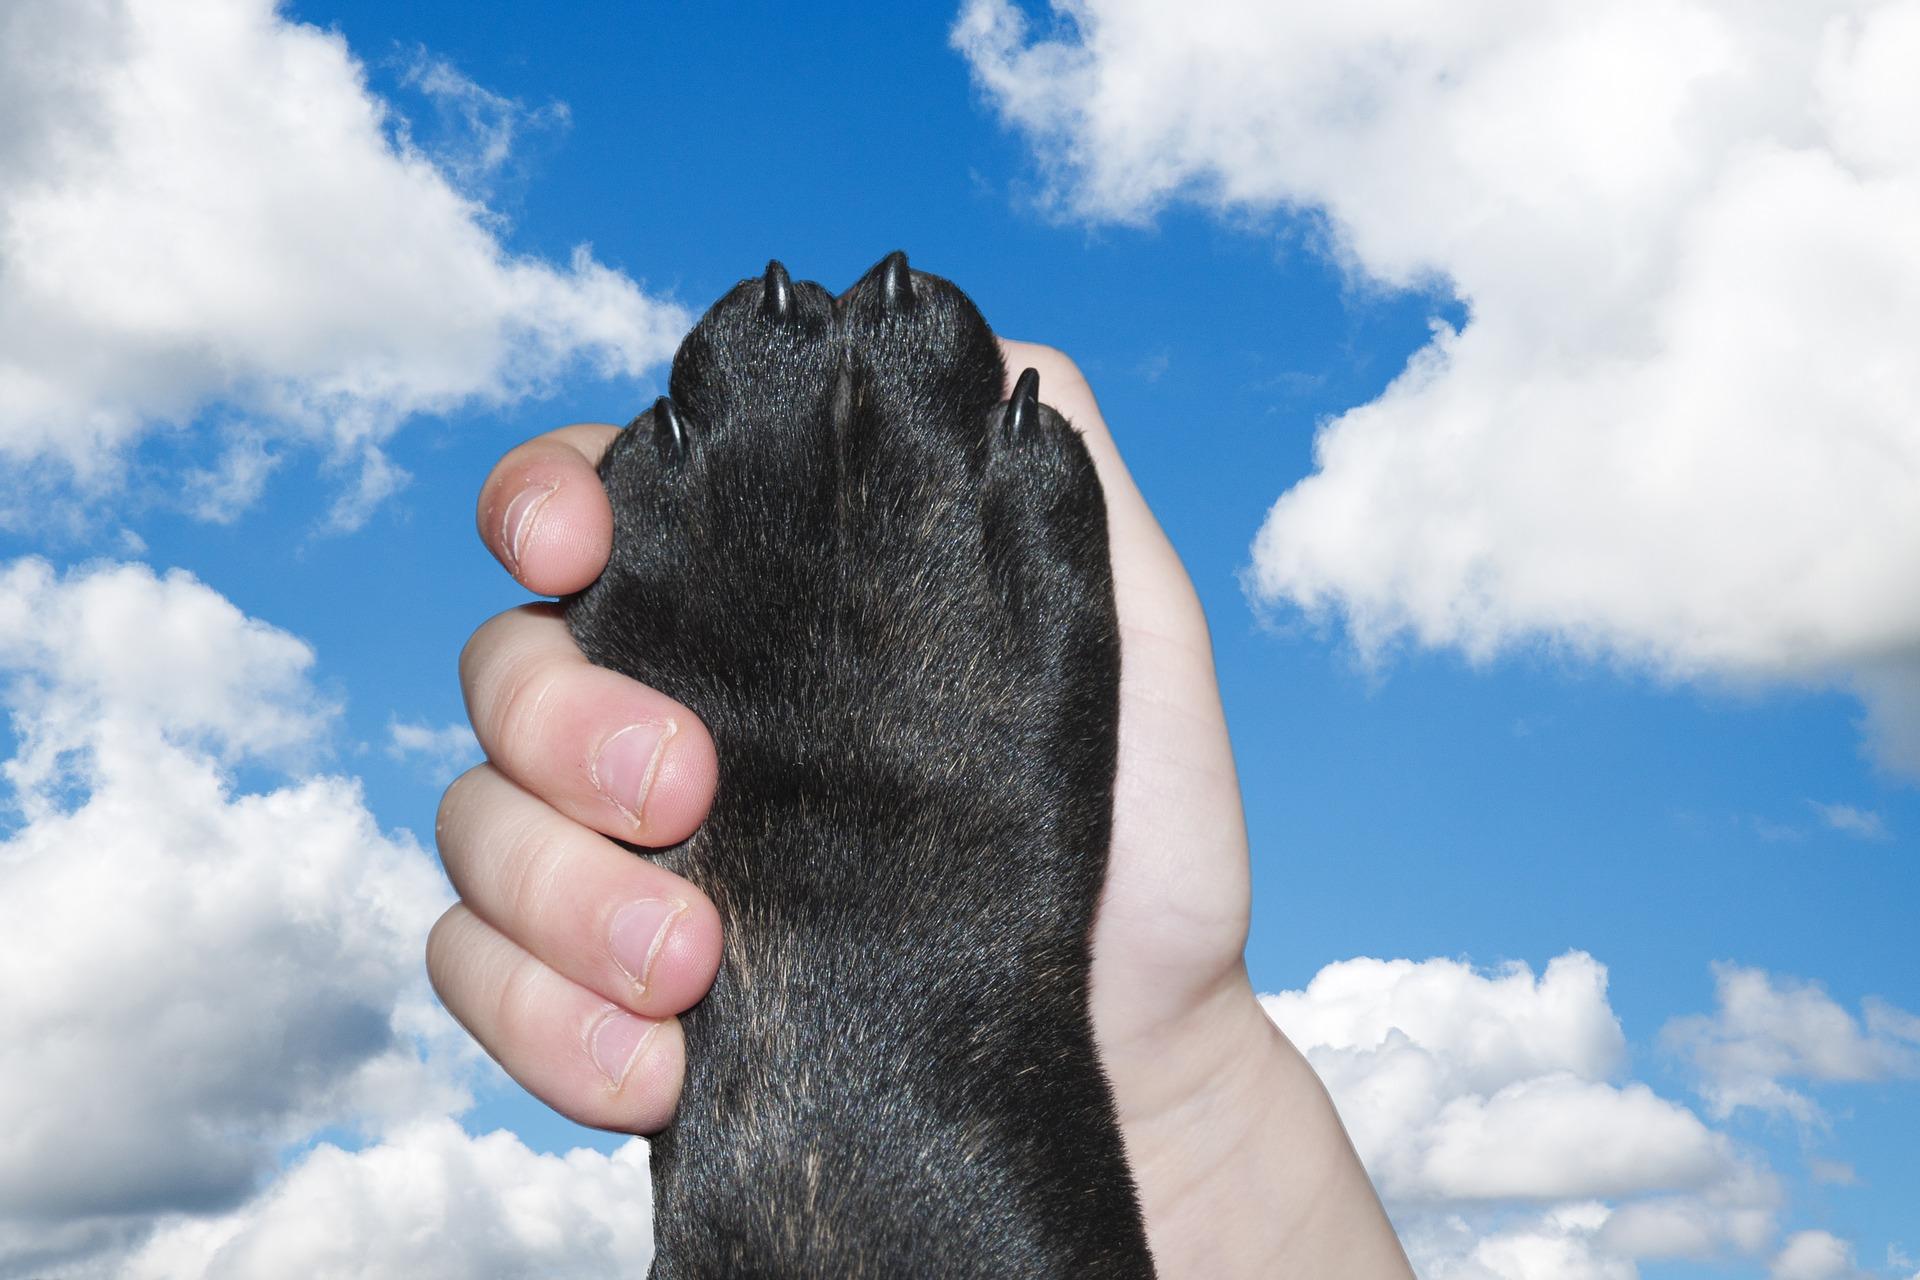 Dog, Paw, Hand, Love, Friendship, Friends, HoldingDog Paw Hand Love Friendship Friends Holding